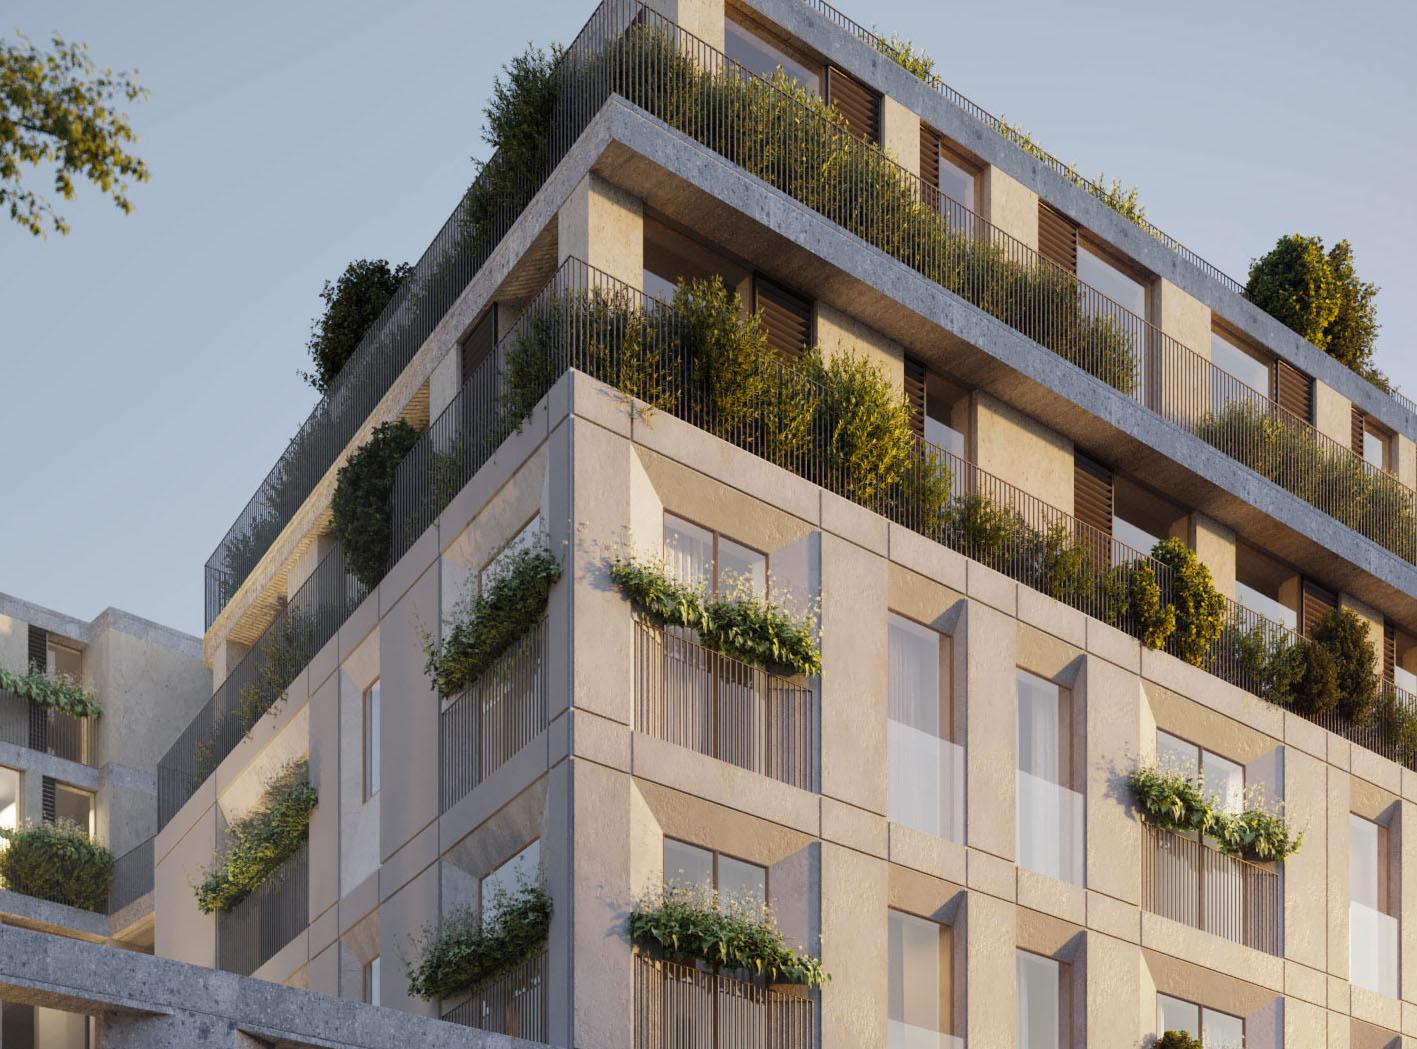 Municipio 5 - una nuova residenza